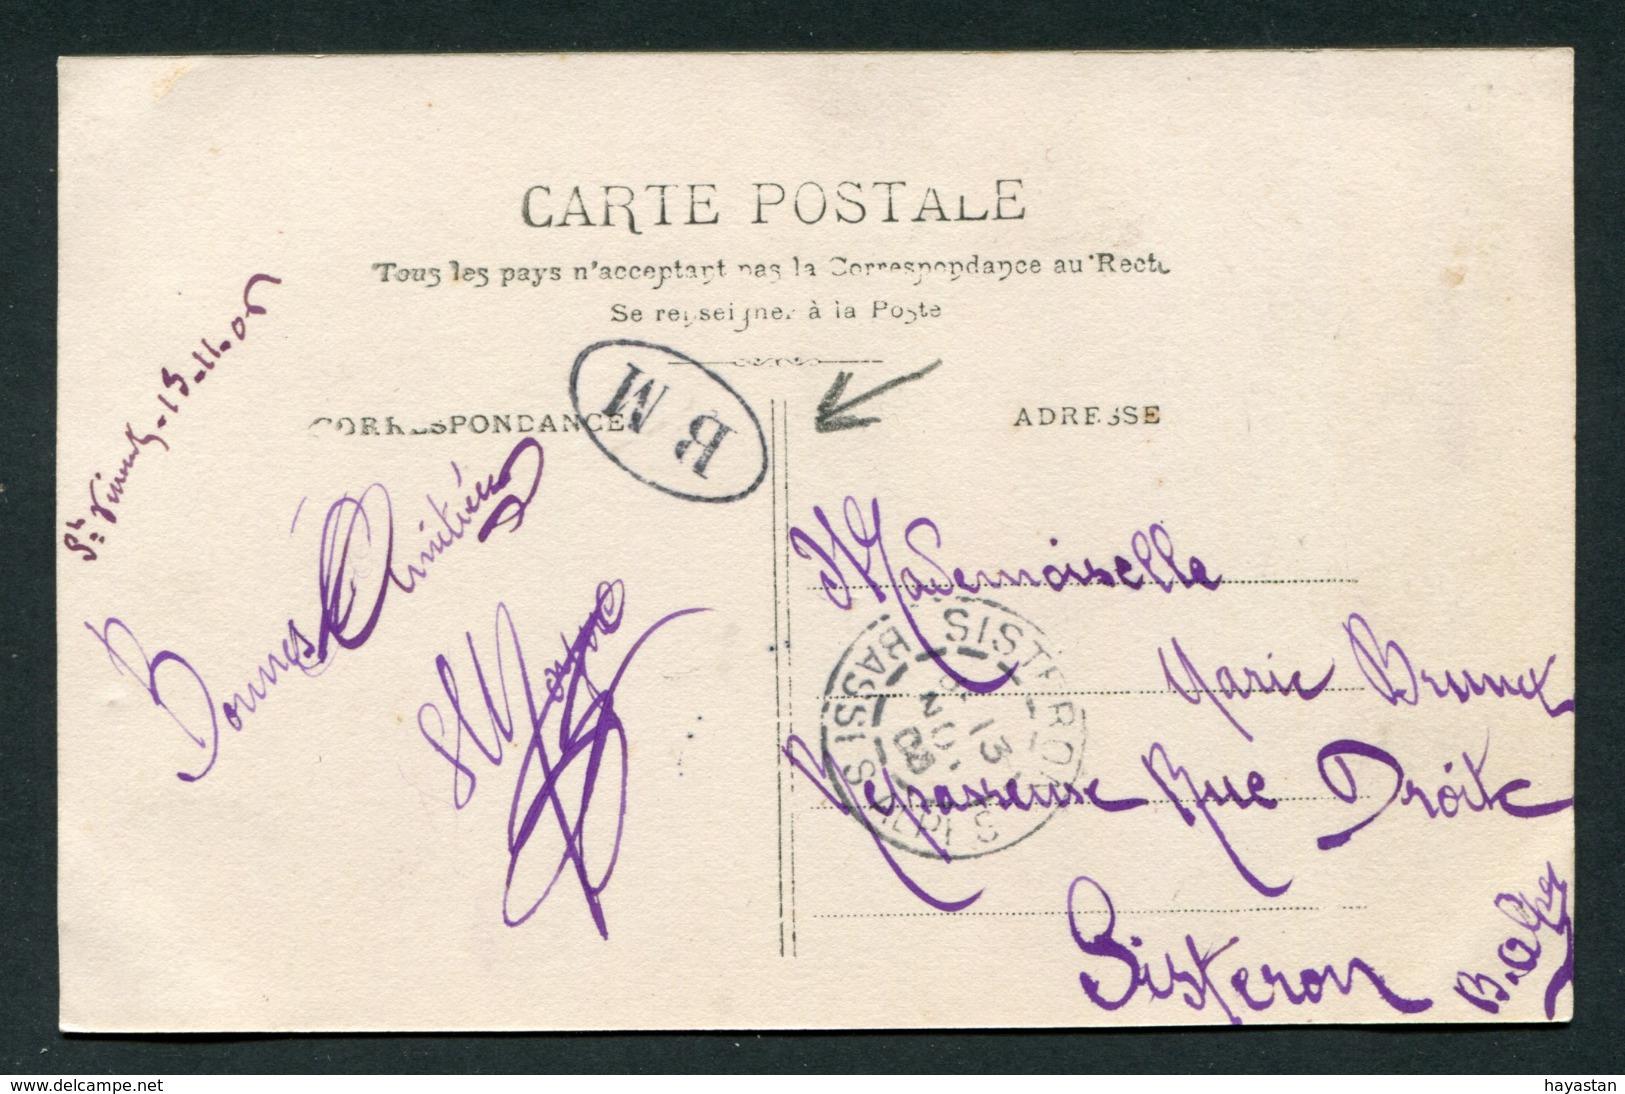 MARQUE POSTALE BM BOITE MOBILE - CAD SISTERON - Marcophilie (Lettres)